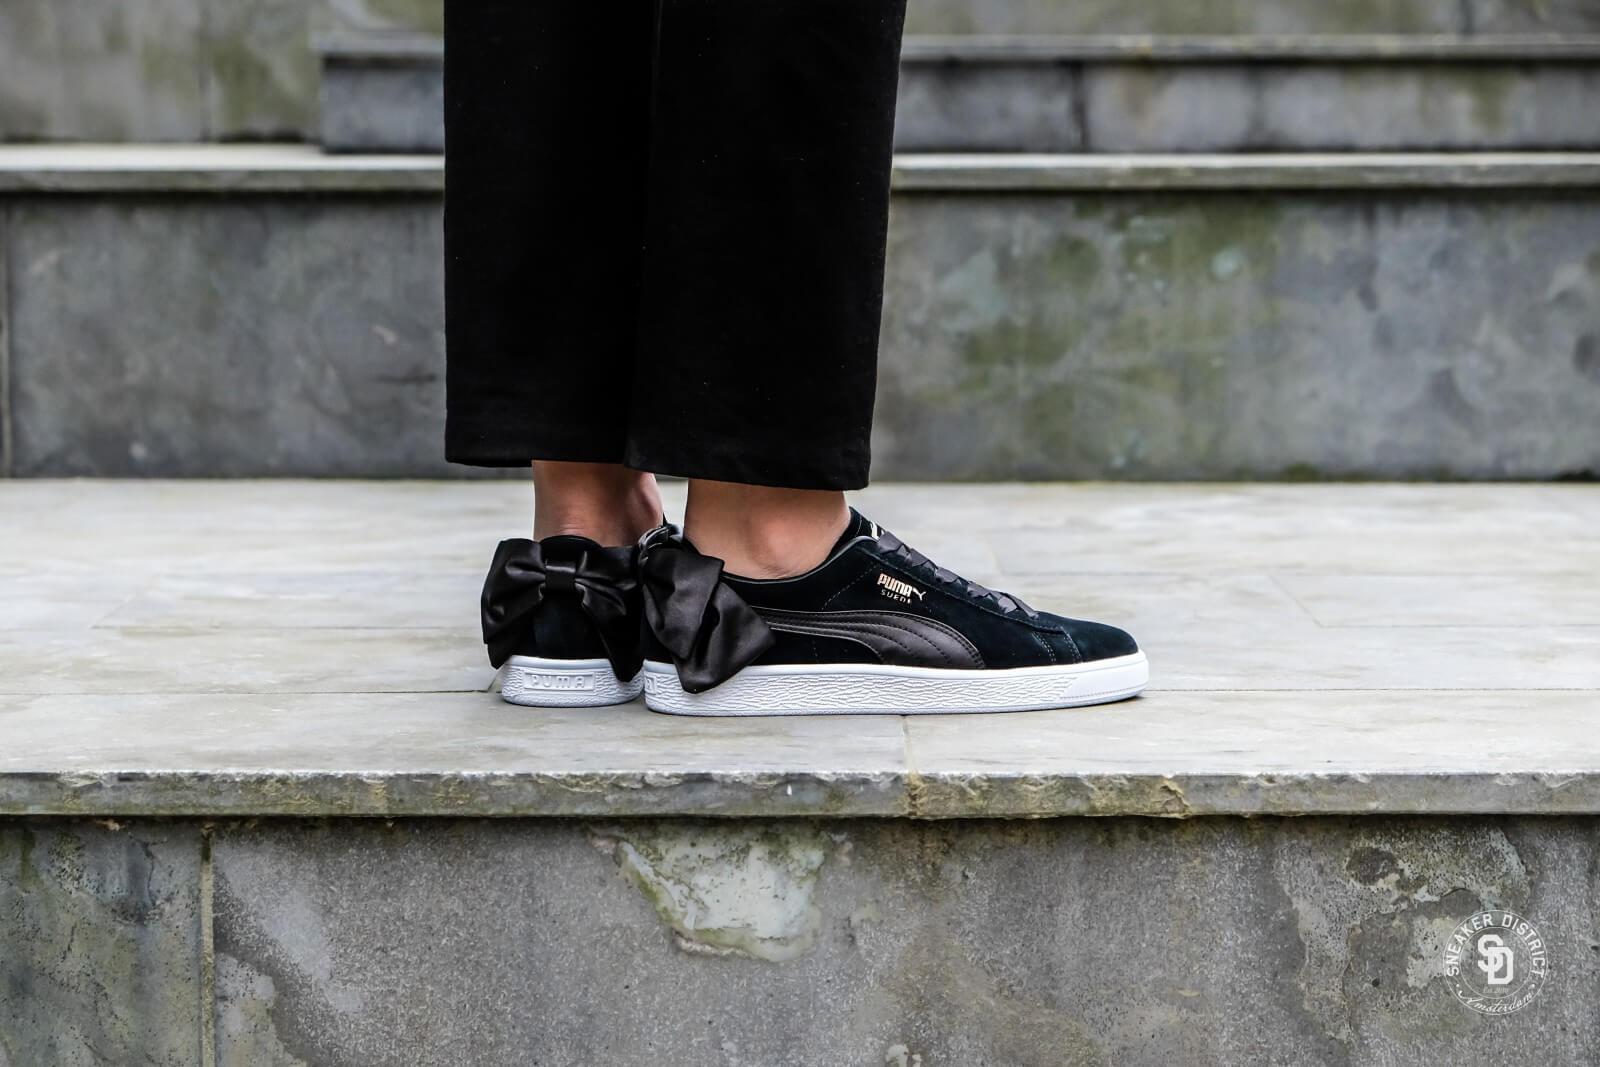 Puma Women's Suede Bow Puma Black